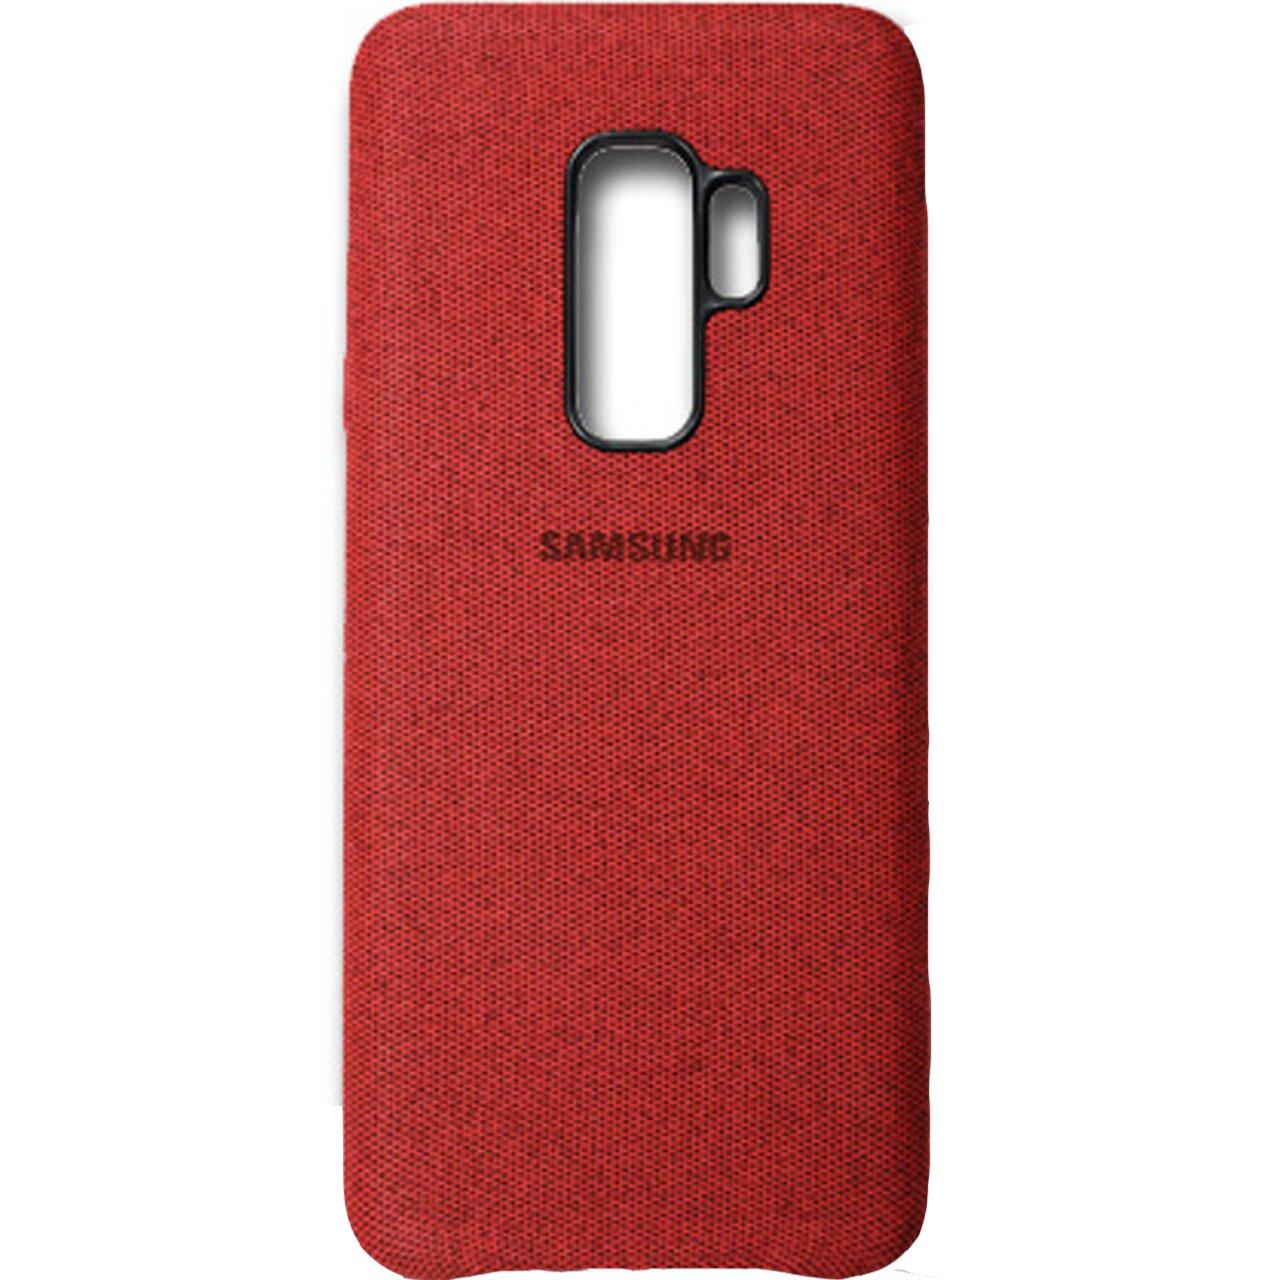 کاور کانواس مدل Hiha مناسب برای گوشی سامسونگ S9 Plus